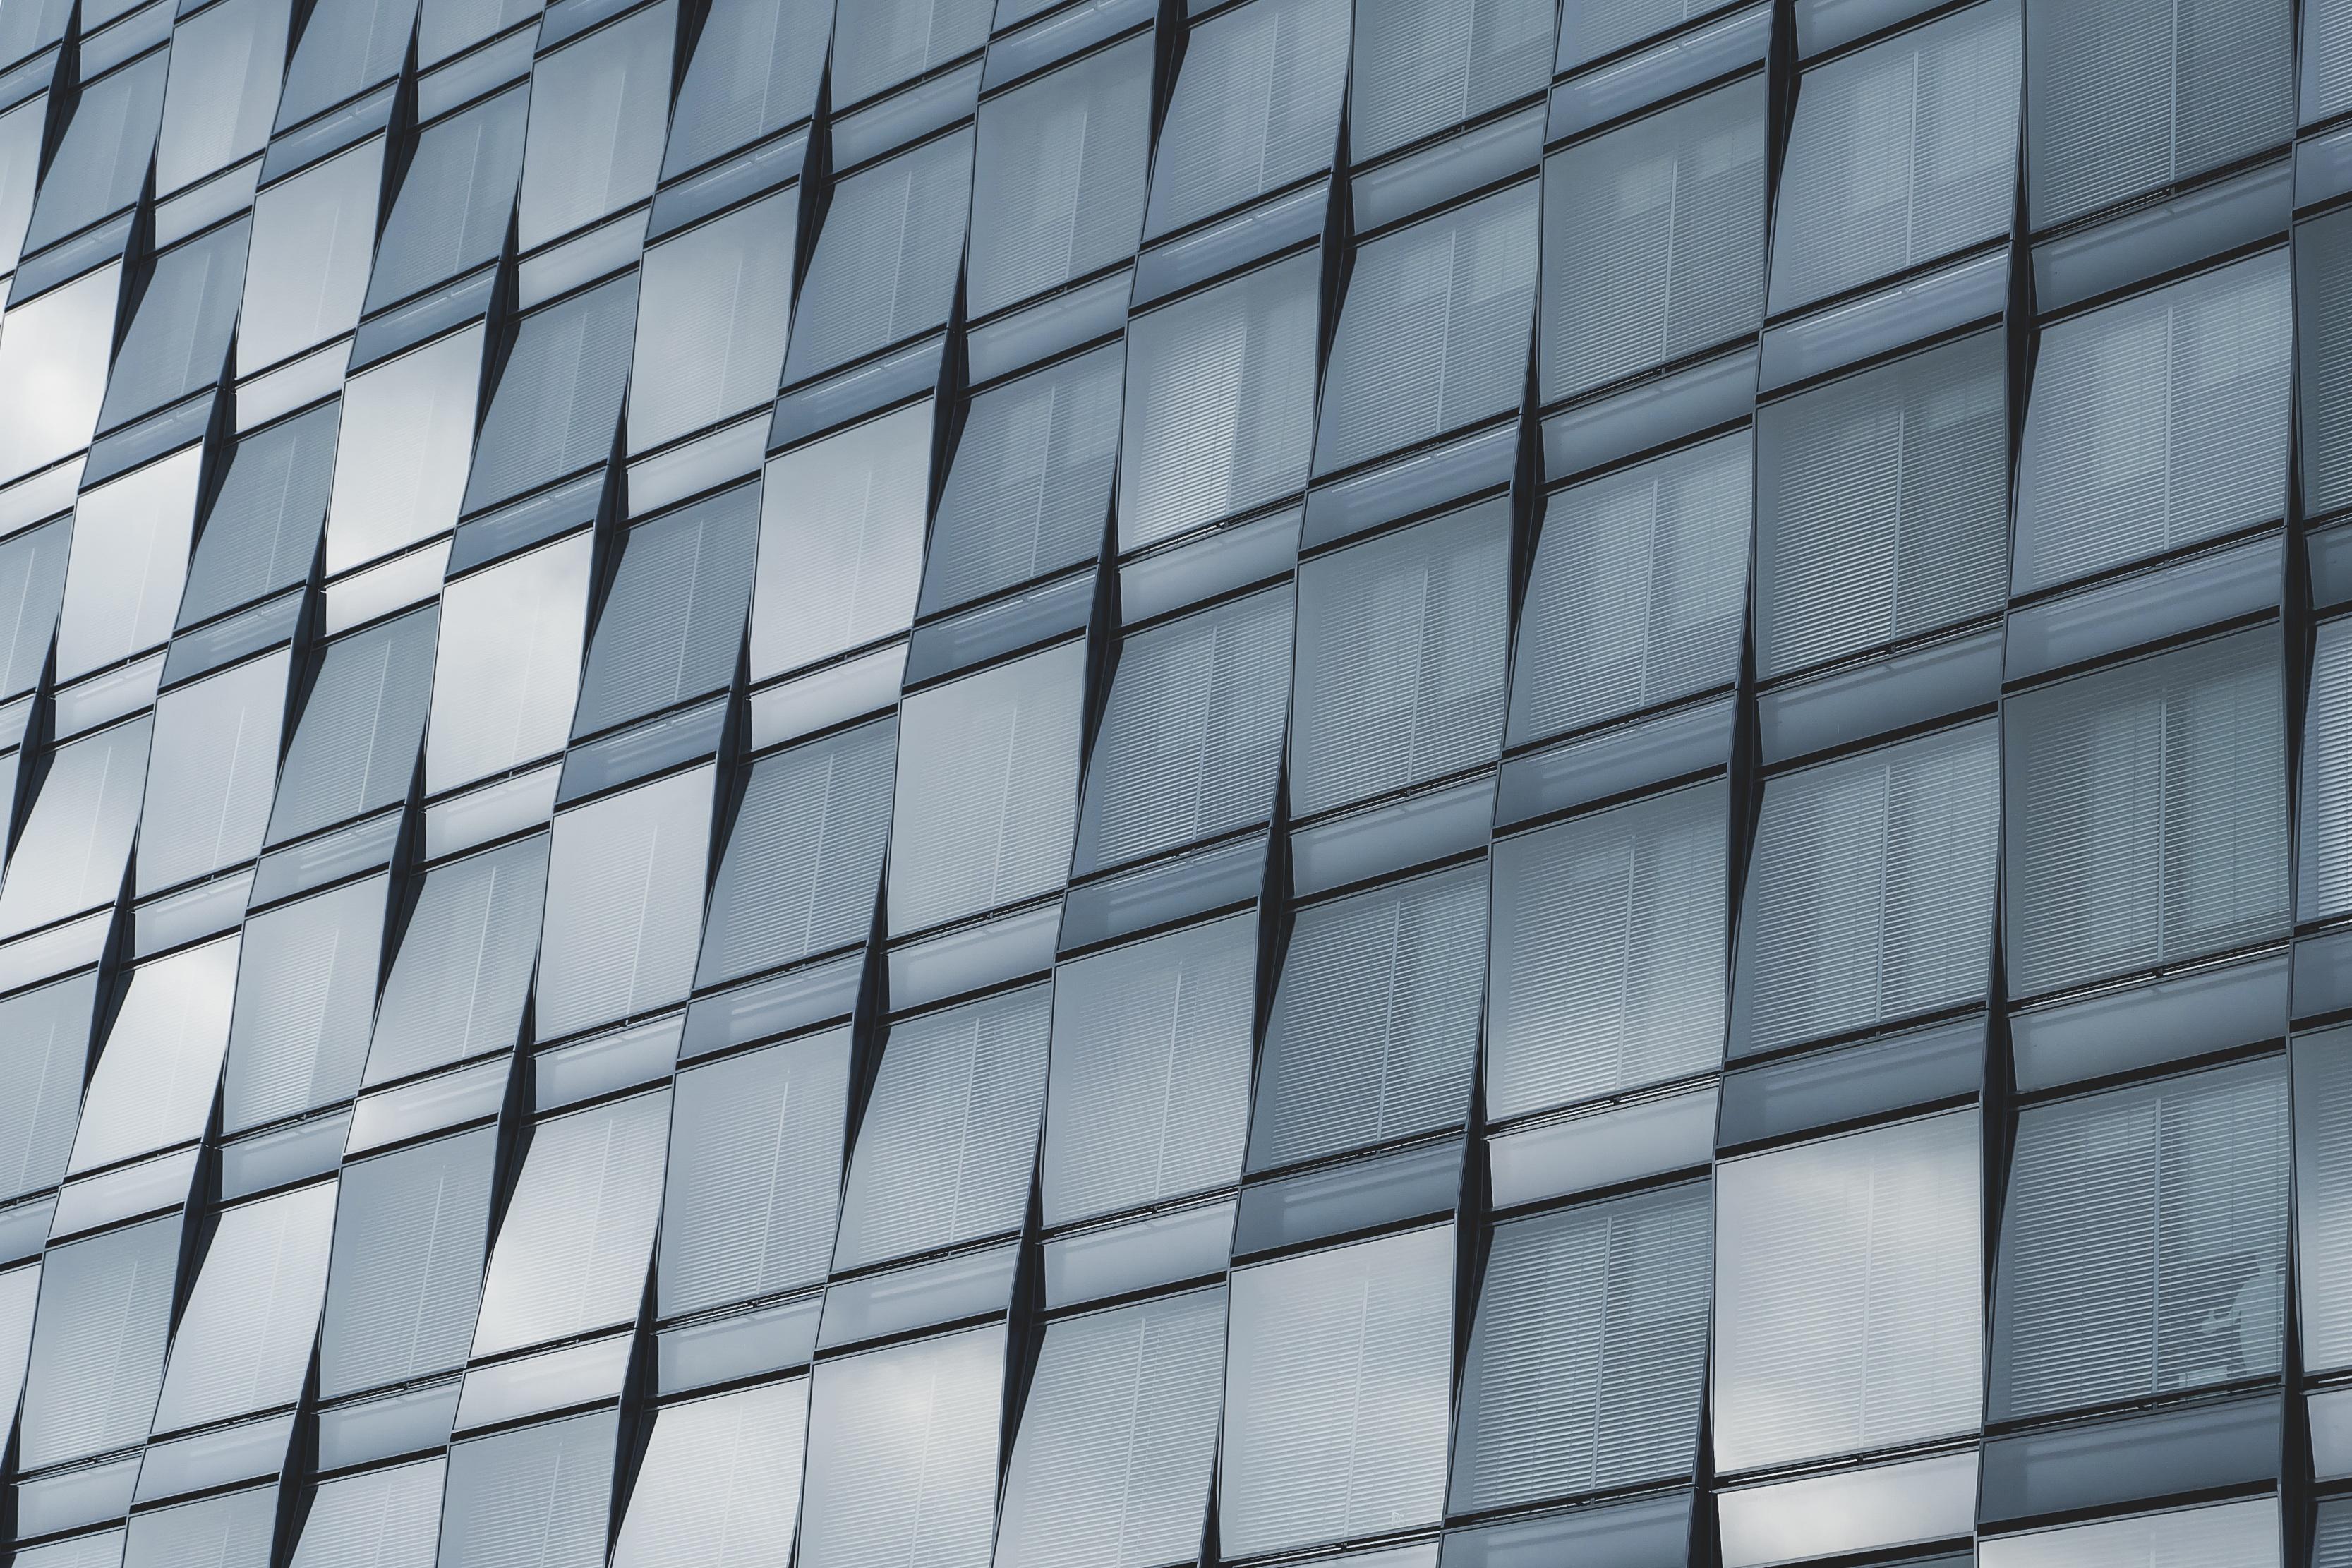 無料画像 建築 ガラス 超高層ビル 壁 ライン ファサード インテリア・デザイン 対称 形状